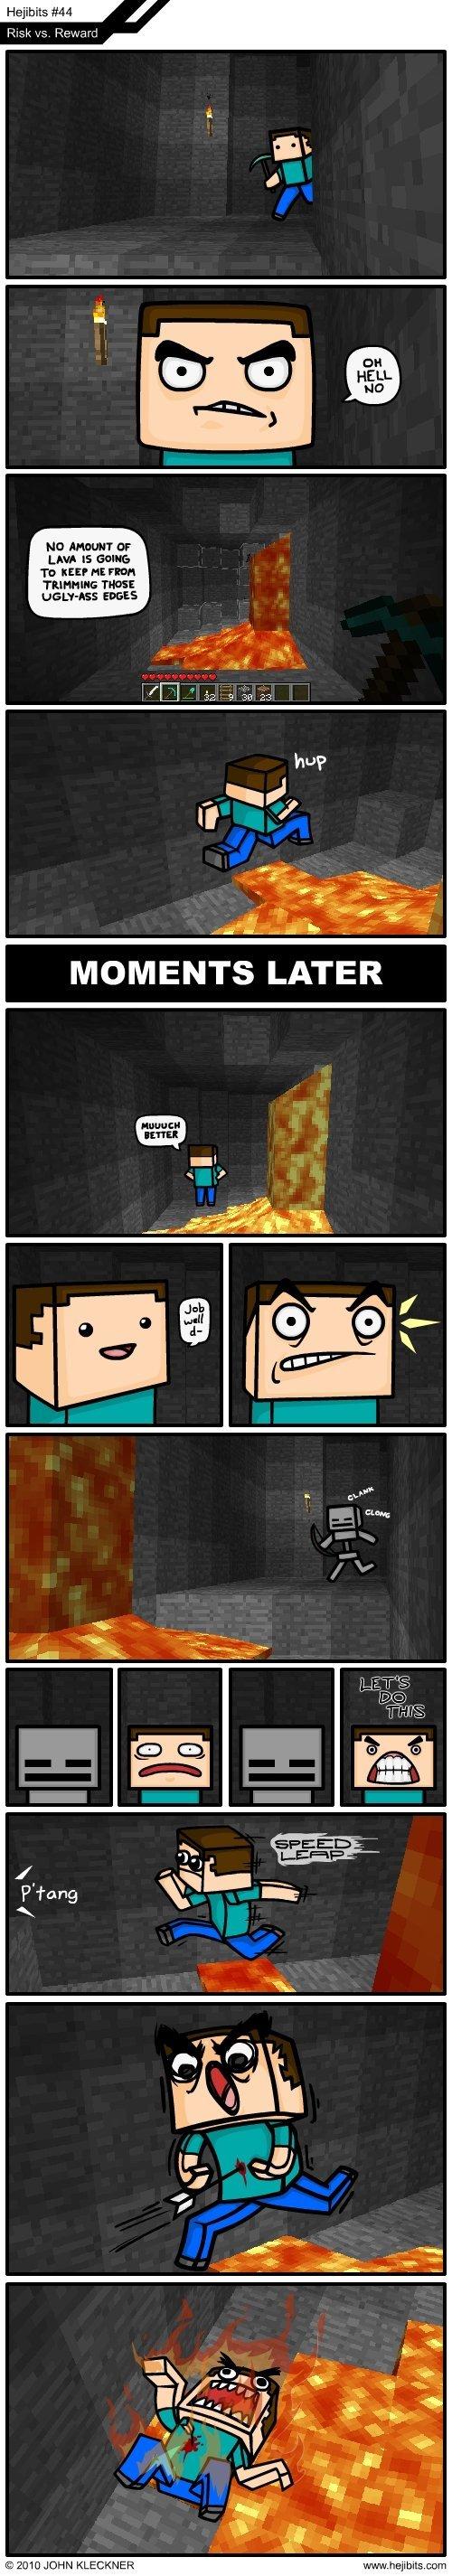 Minecraft. . Hejibits #44 str, Husk 'AIT. Renata rd Mu Dr LEE! TI GENE M 201 l JOHN g%. Minecrafters, I...